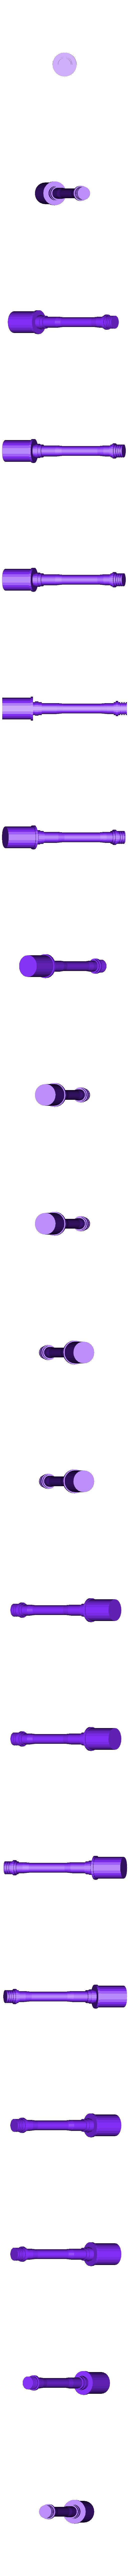 m24.stl Télécharger fichier STL gratuit Modèle 24 Stielhandgranate ( m24 ) • Design pour impression 3D, MtkStuka